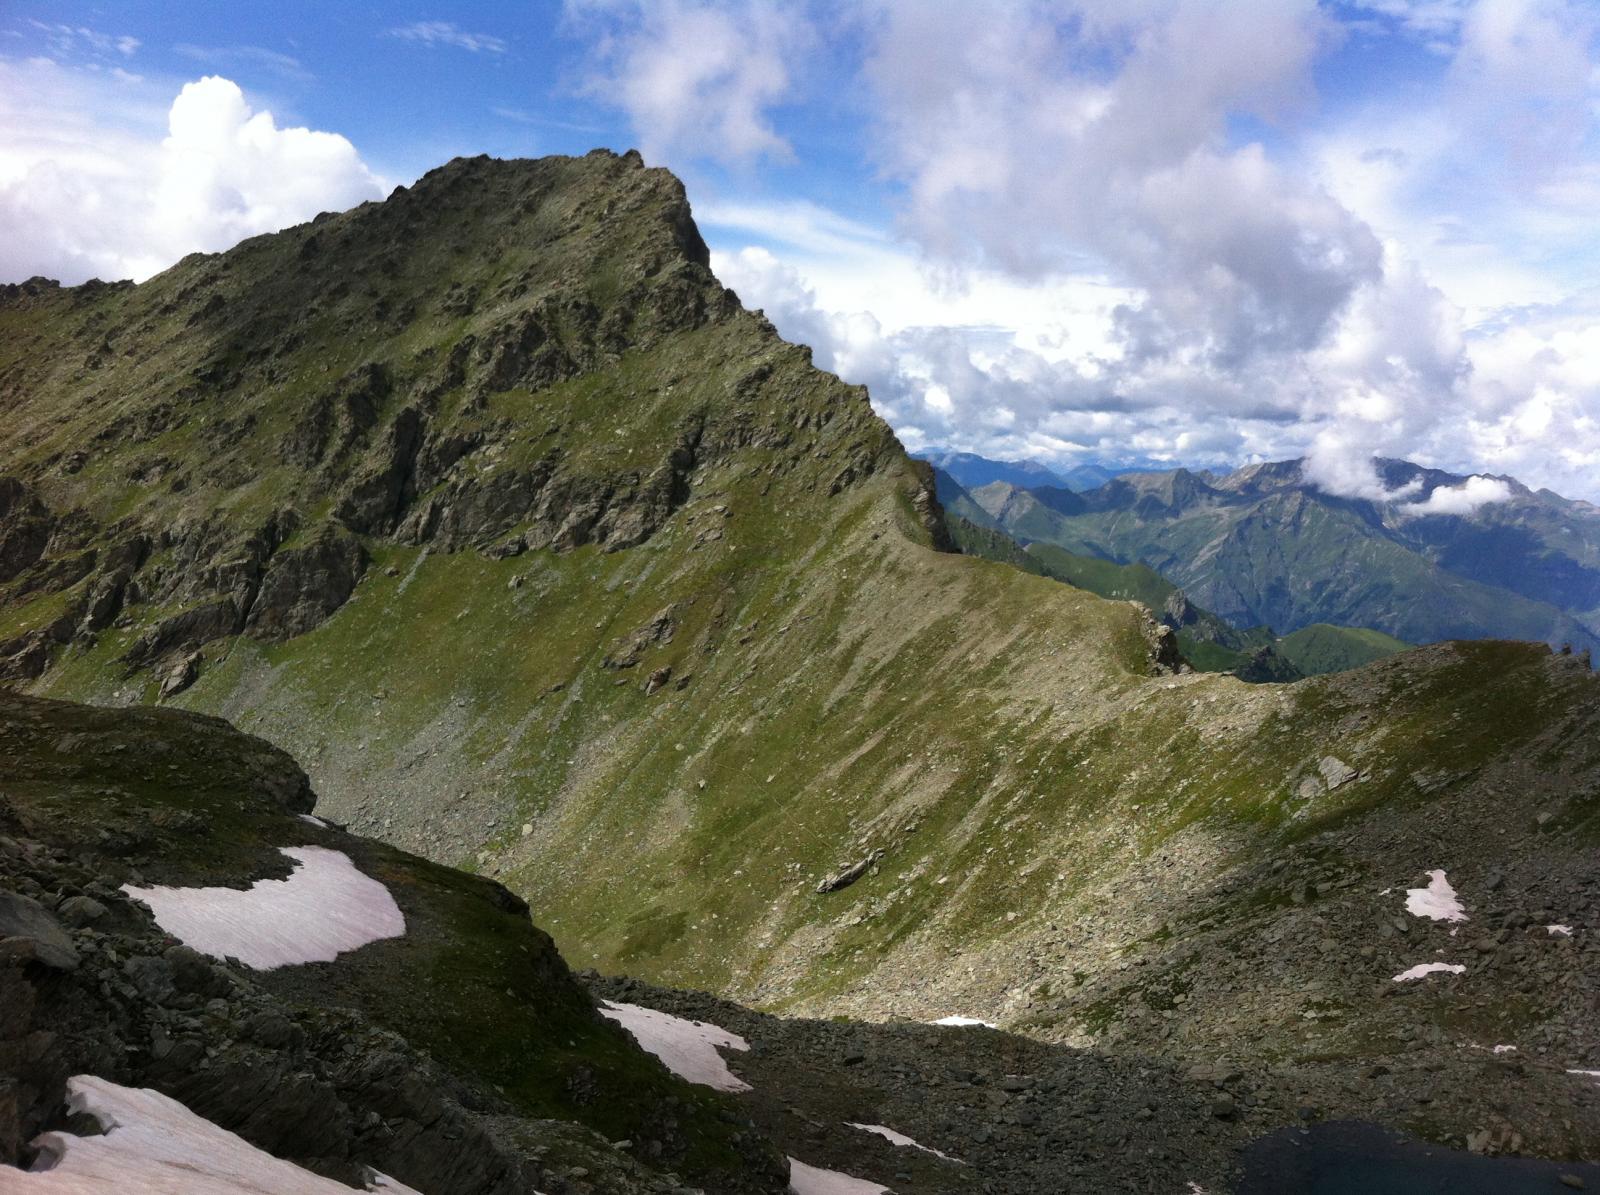 colle Manzol e versante di salita al monte Manzol